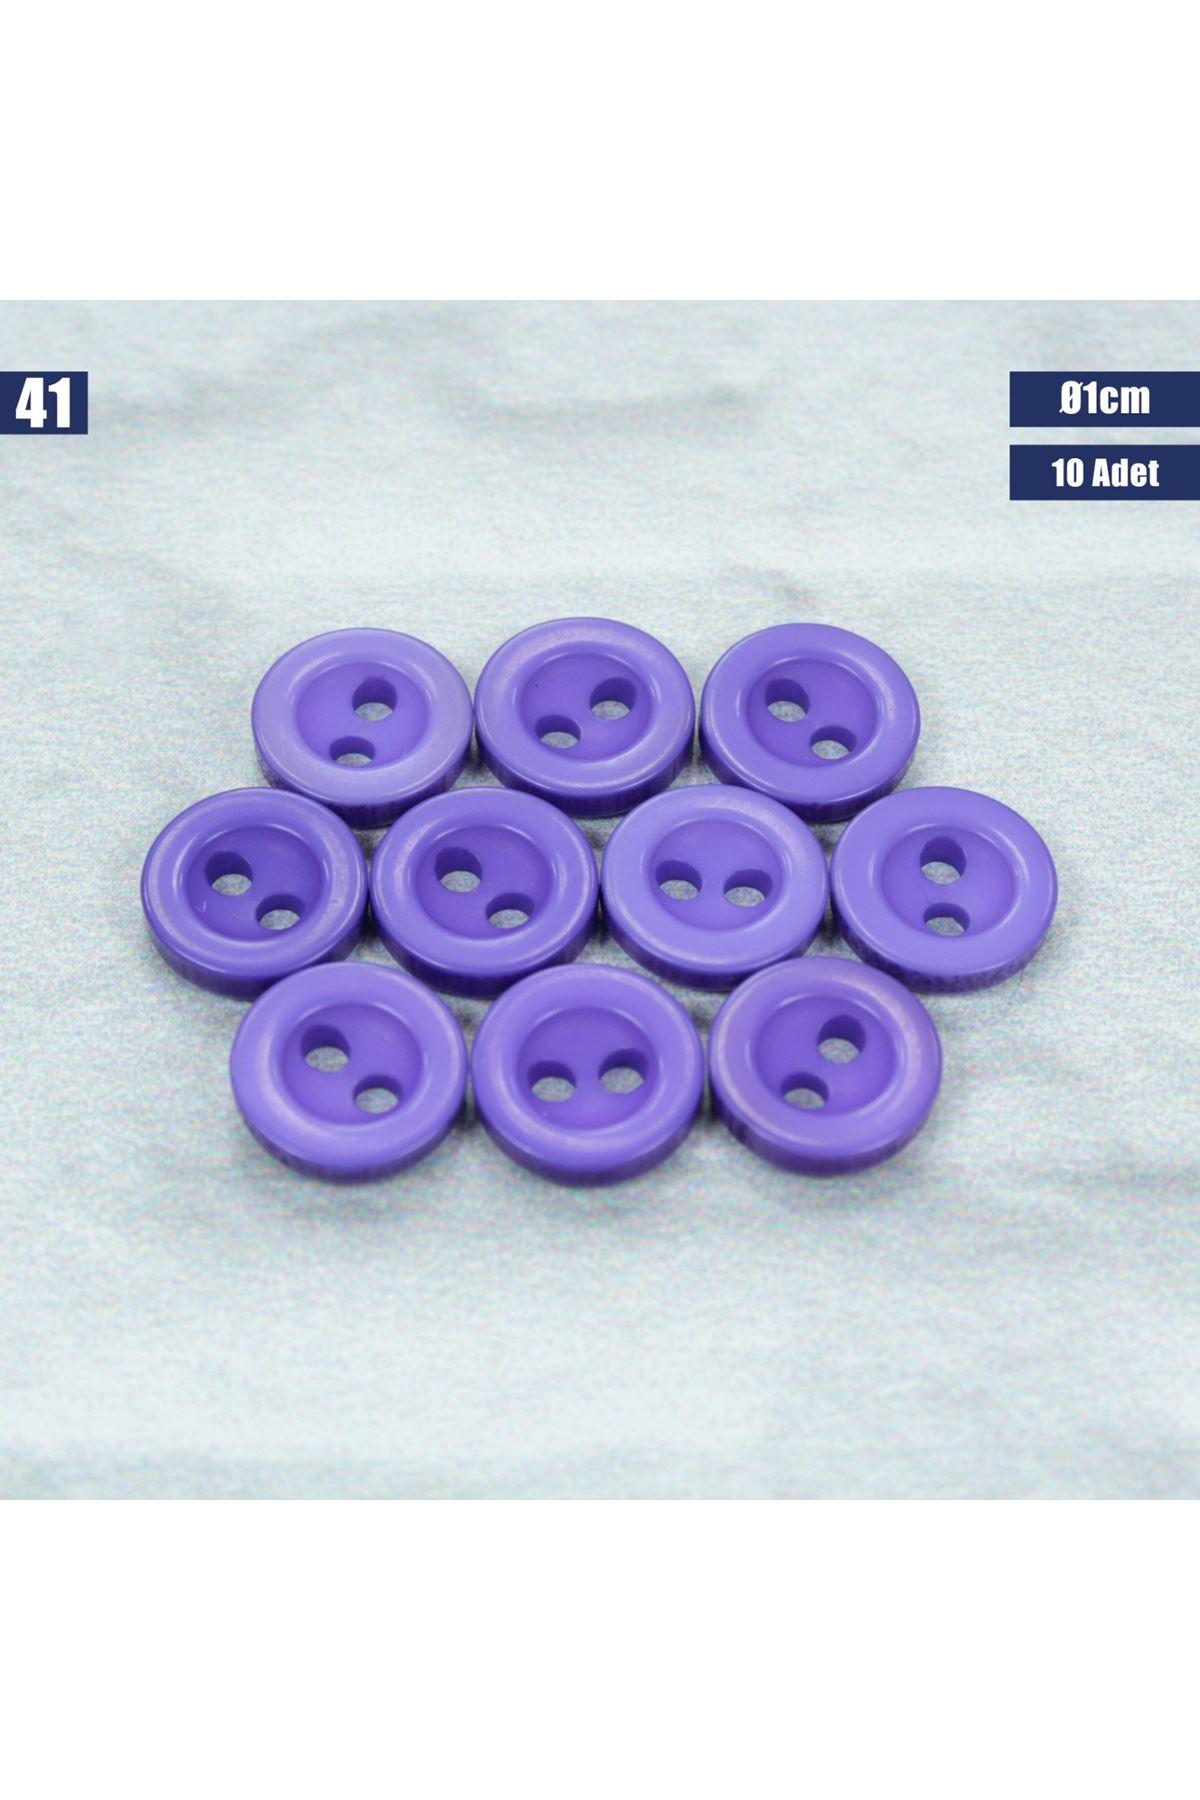 Amigurumi Düğmesi Ø 1cm - 41